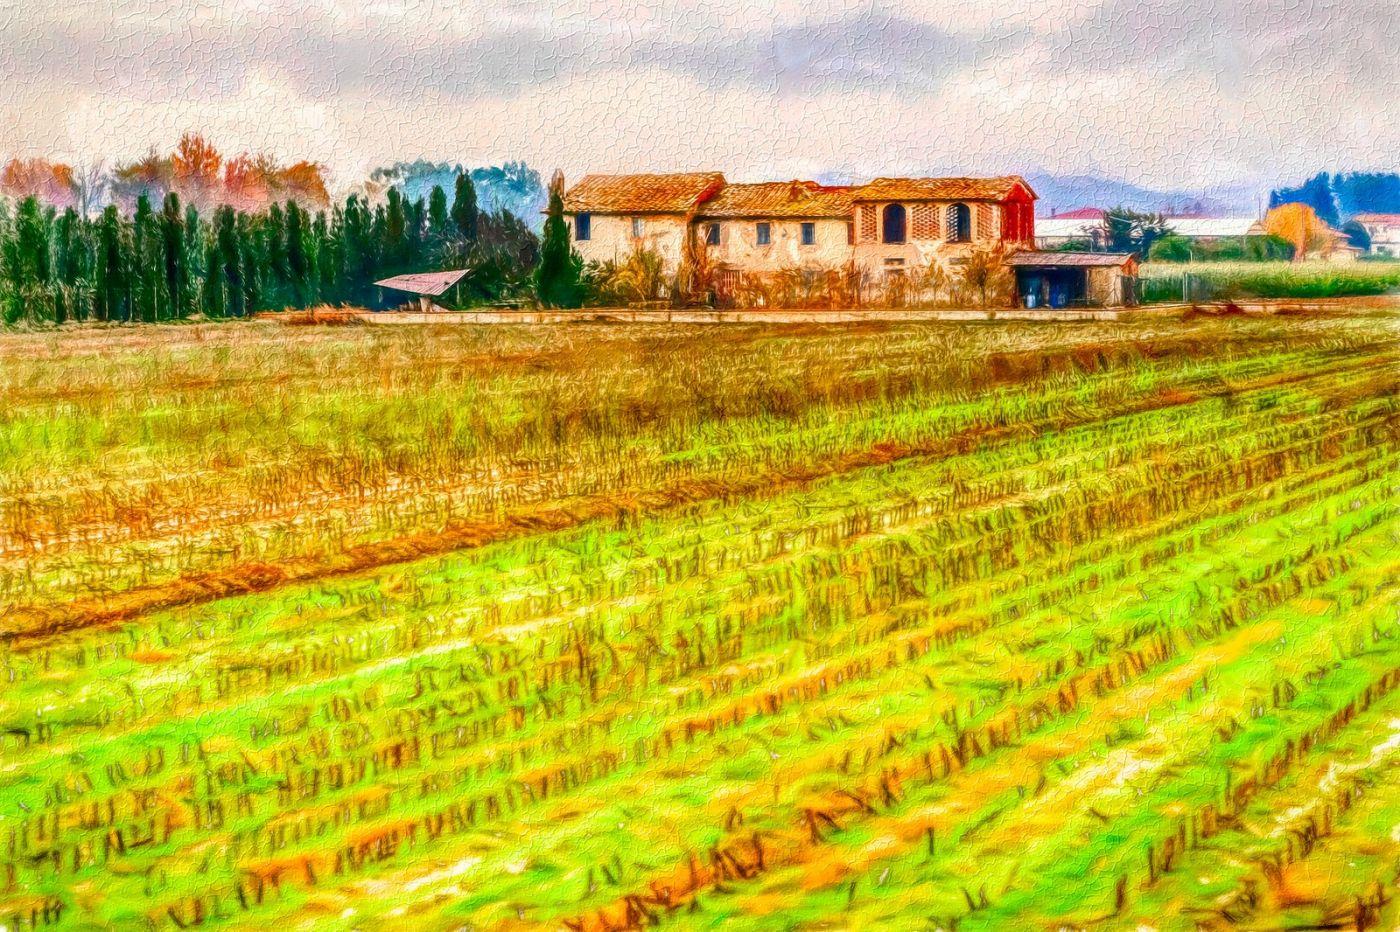 意大利路途,似景似画_图1-30